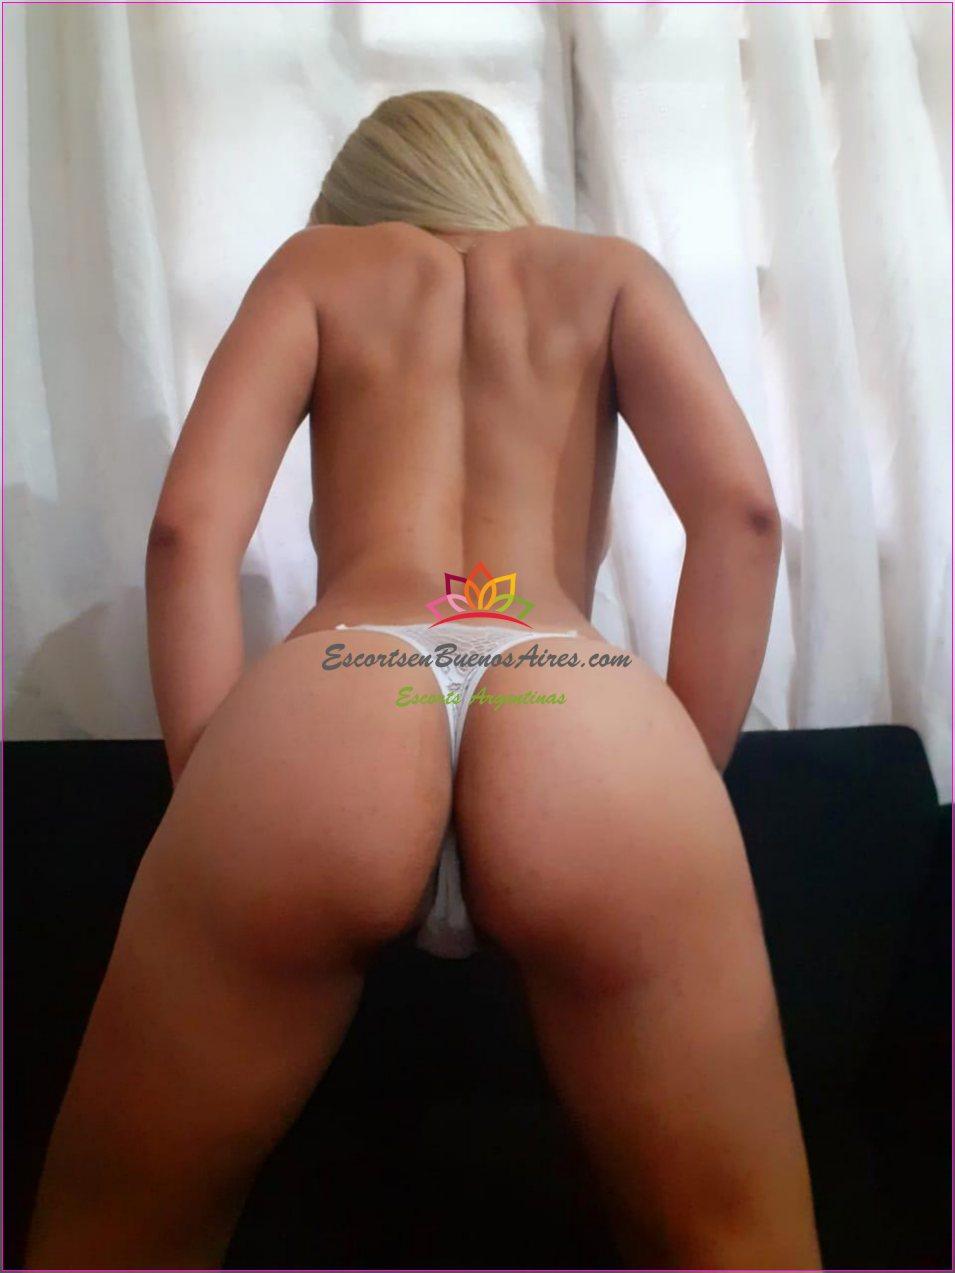 Lara 15-5930-5439